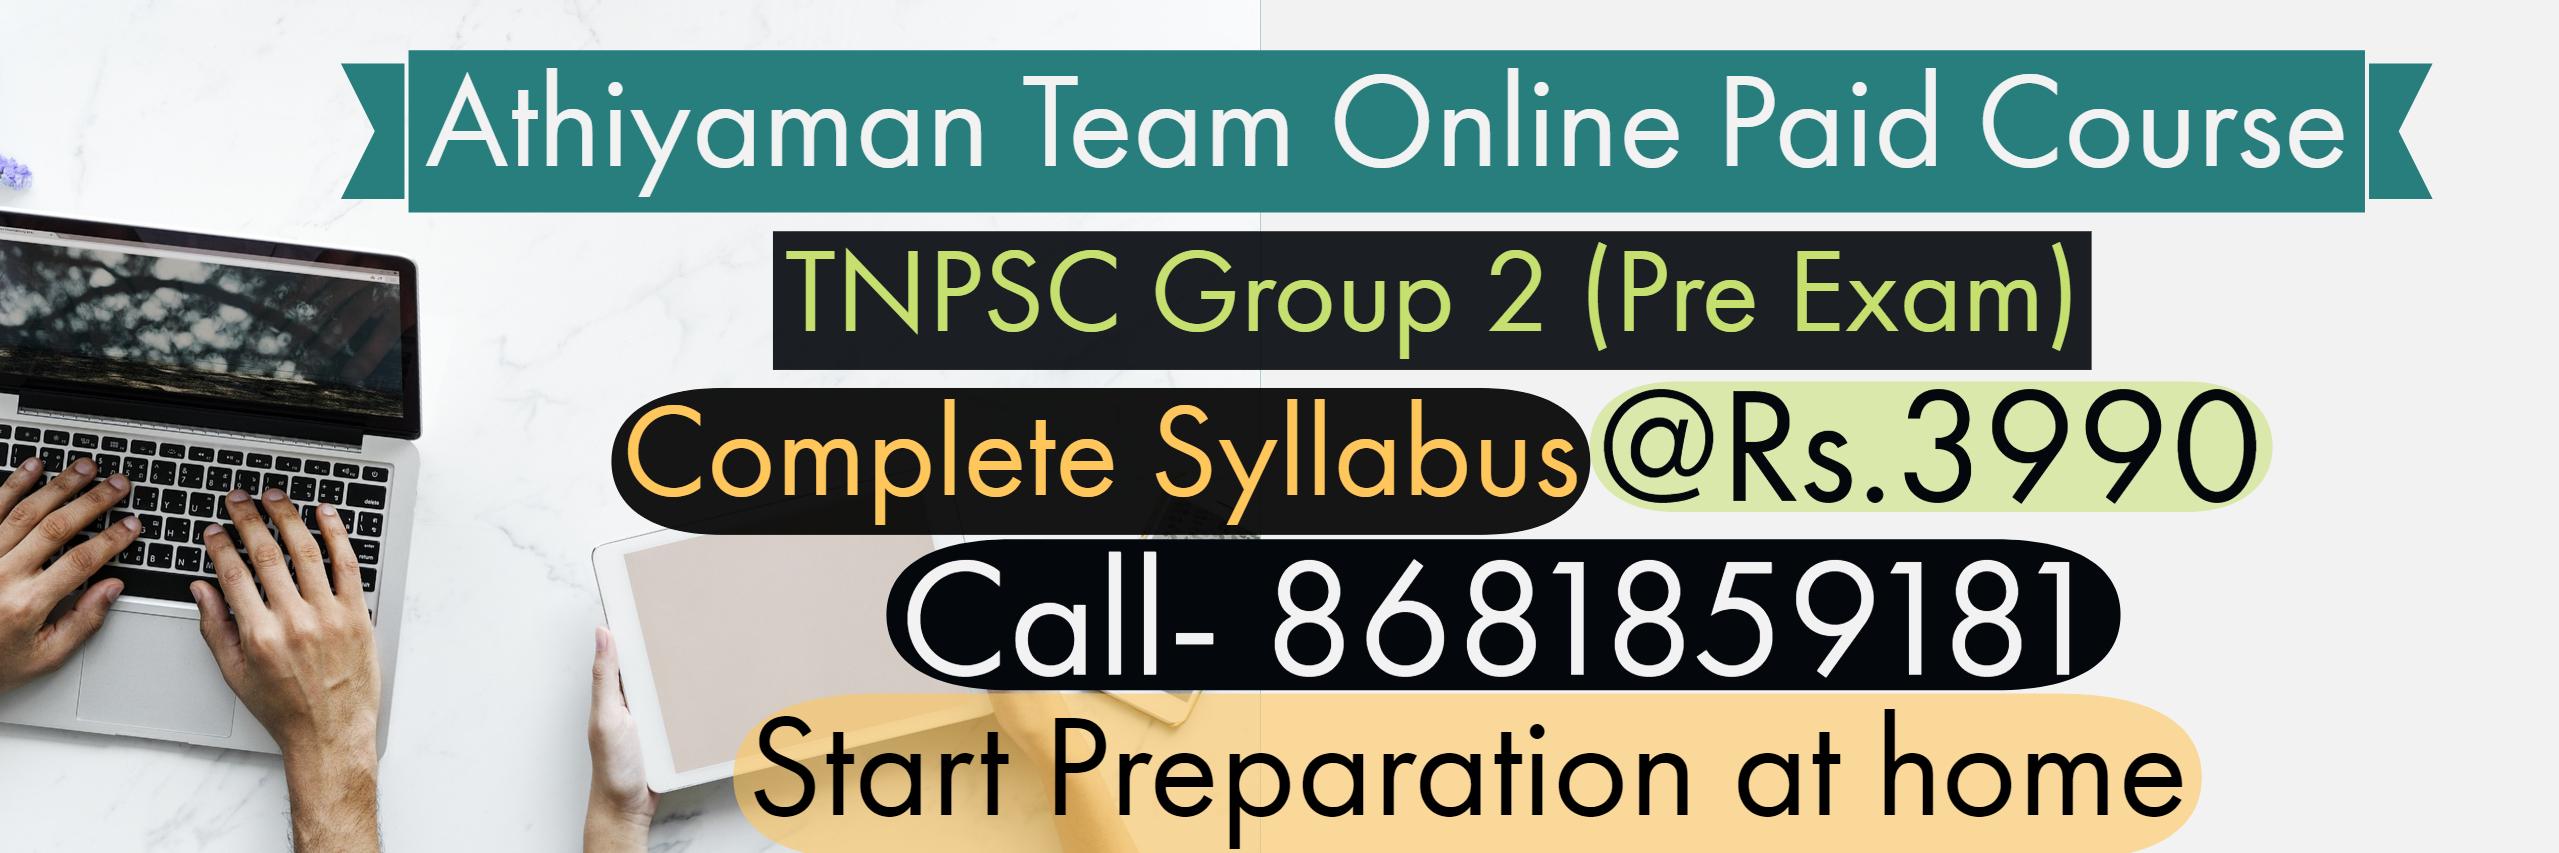 TNPSC Group 2  Exam 2018 Online Class.jpg